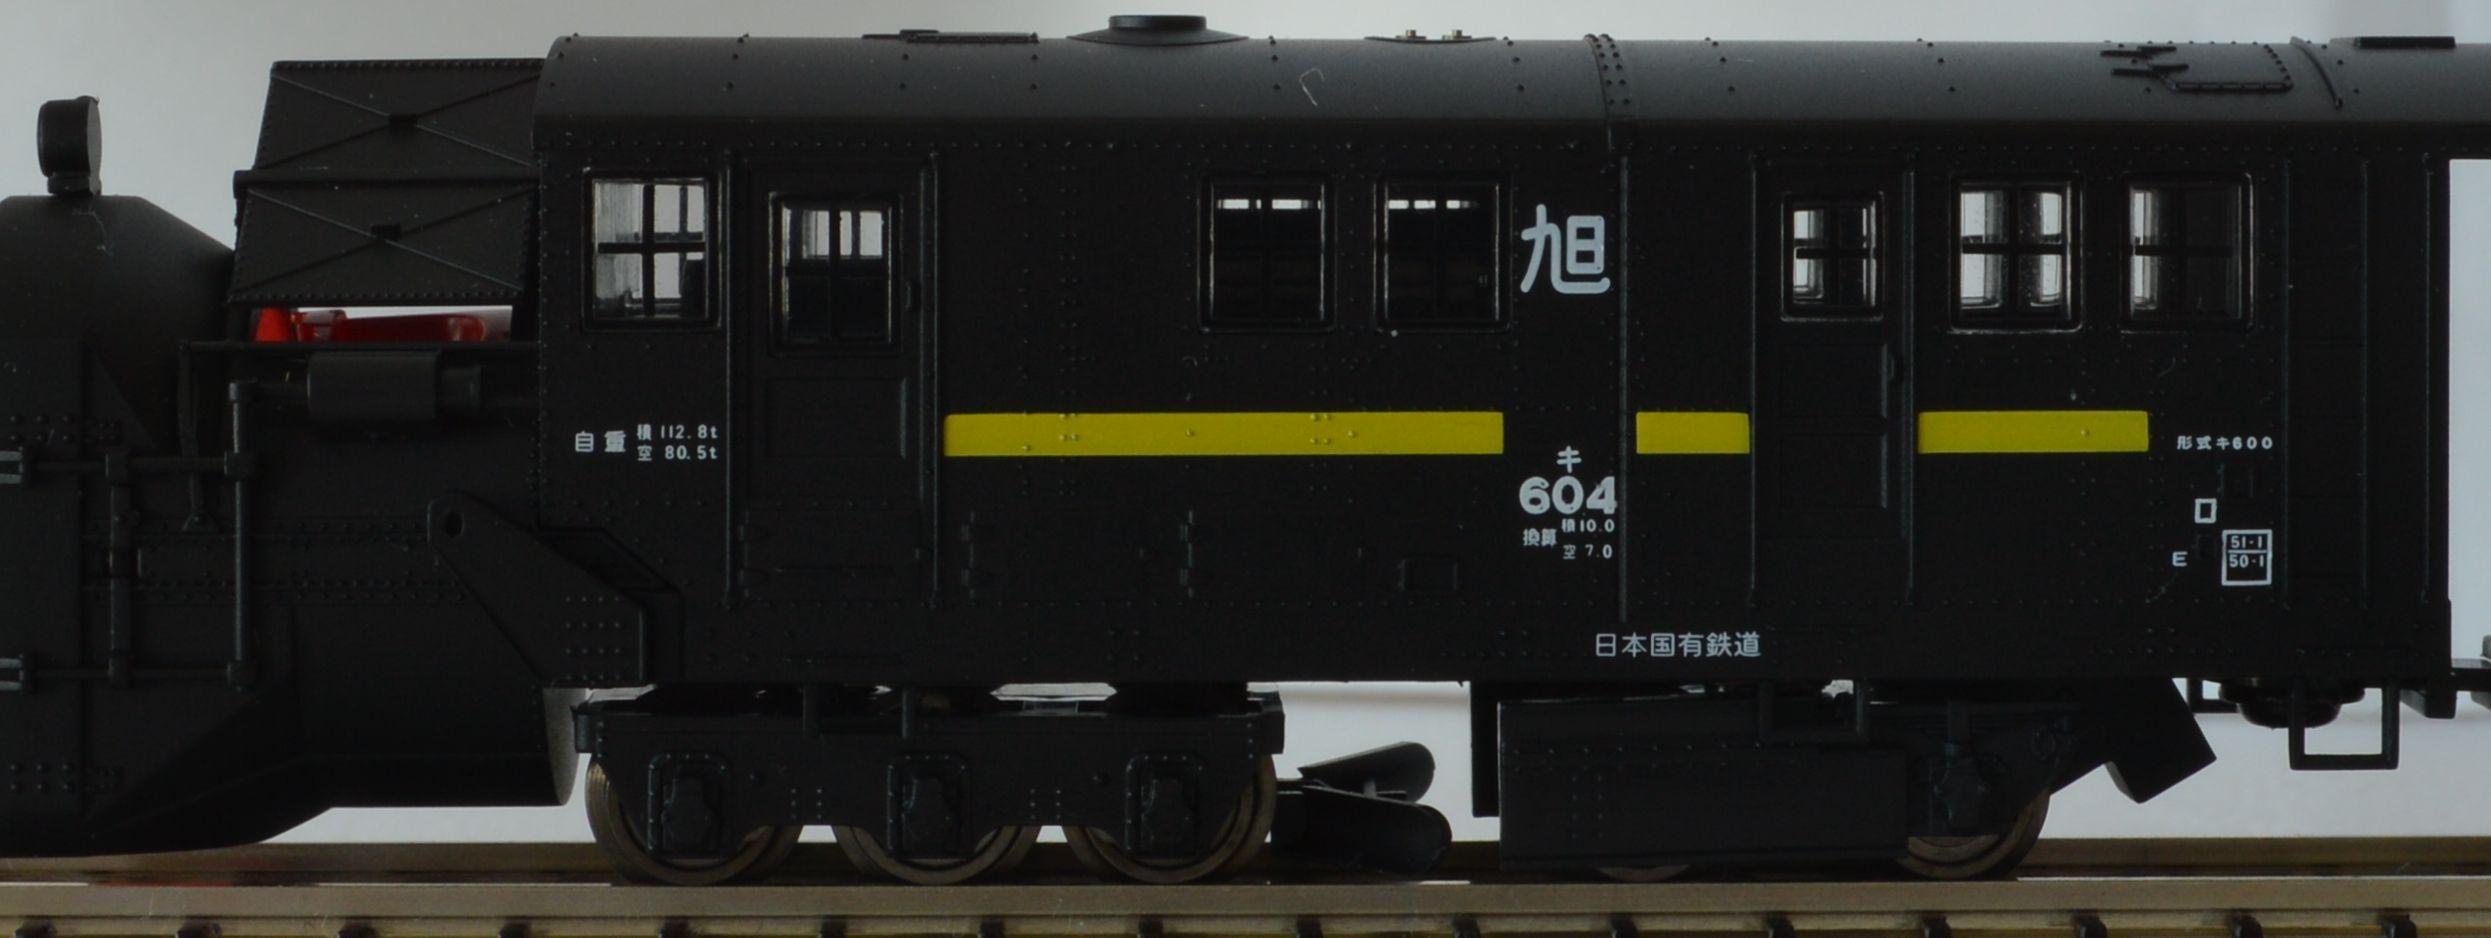 DSC_0197——details